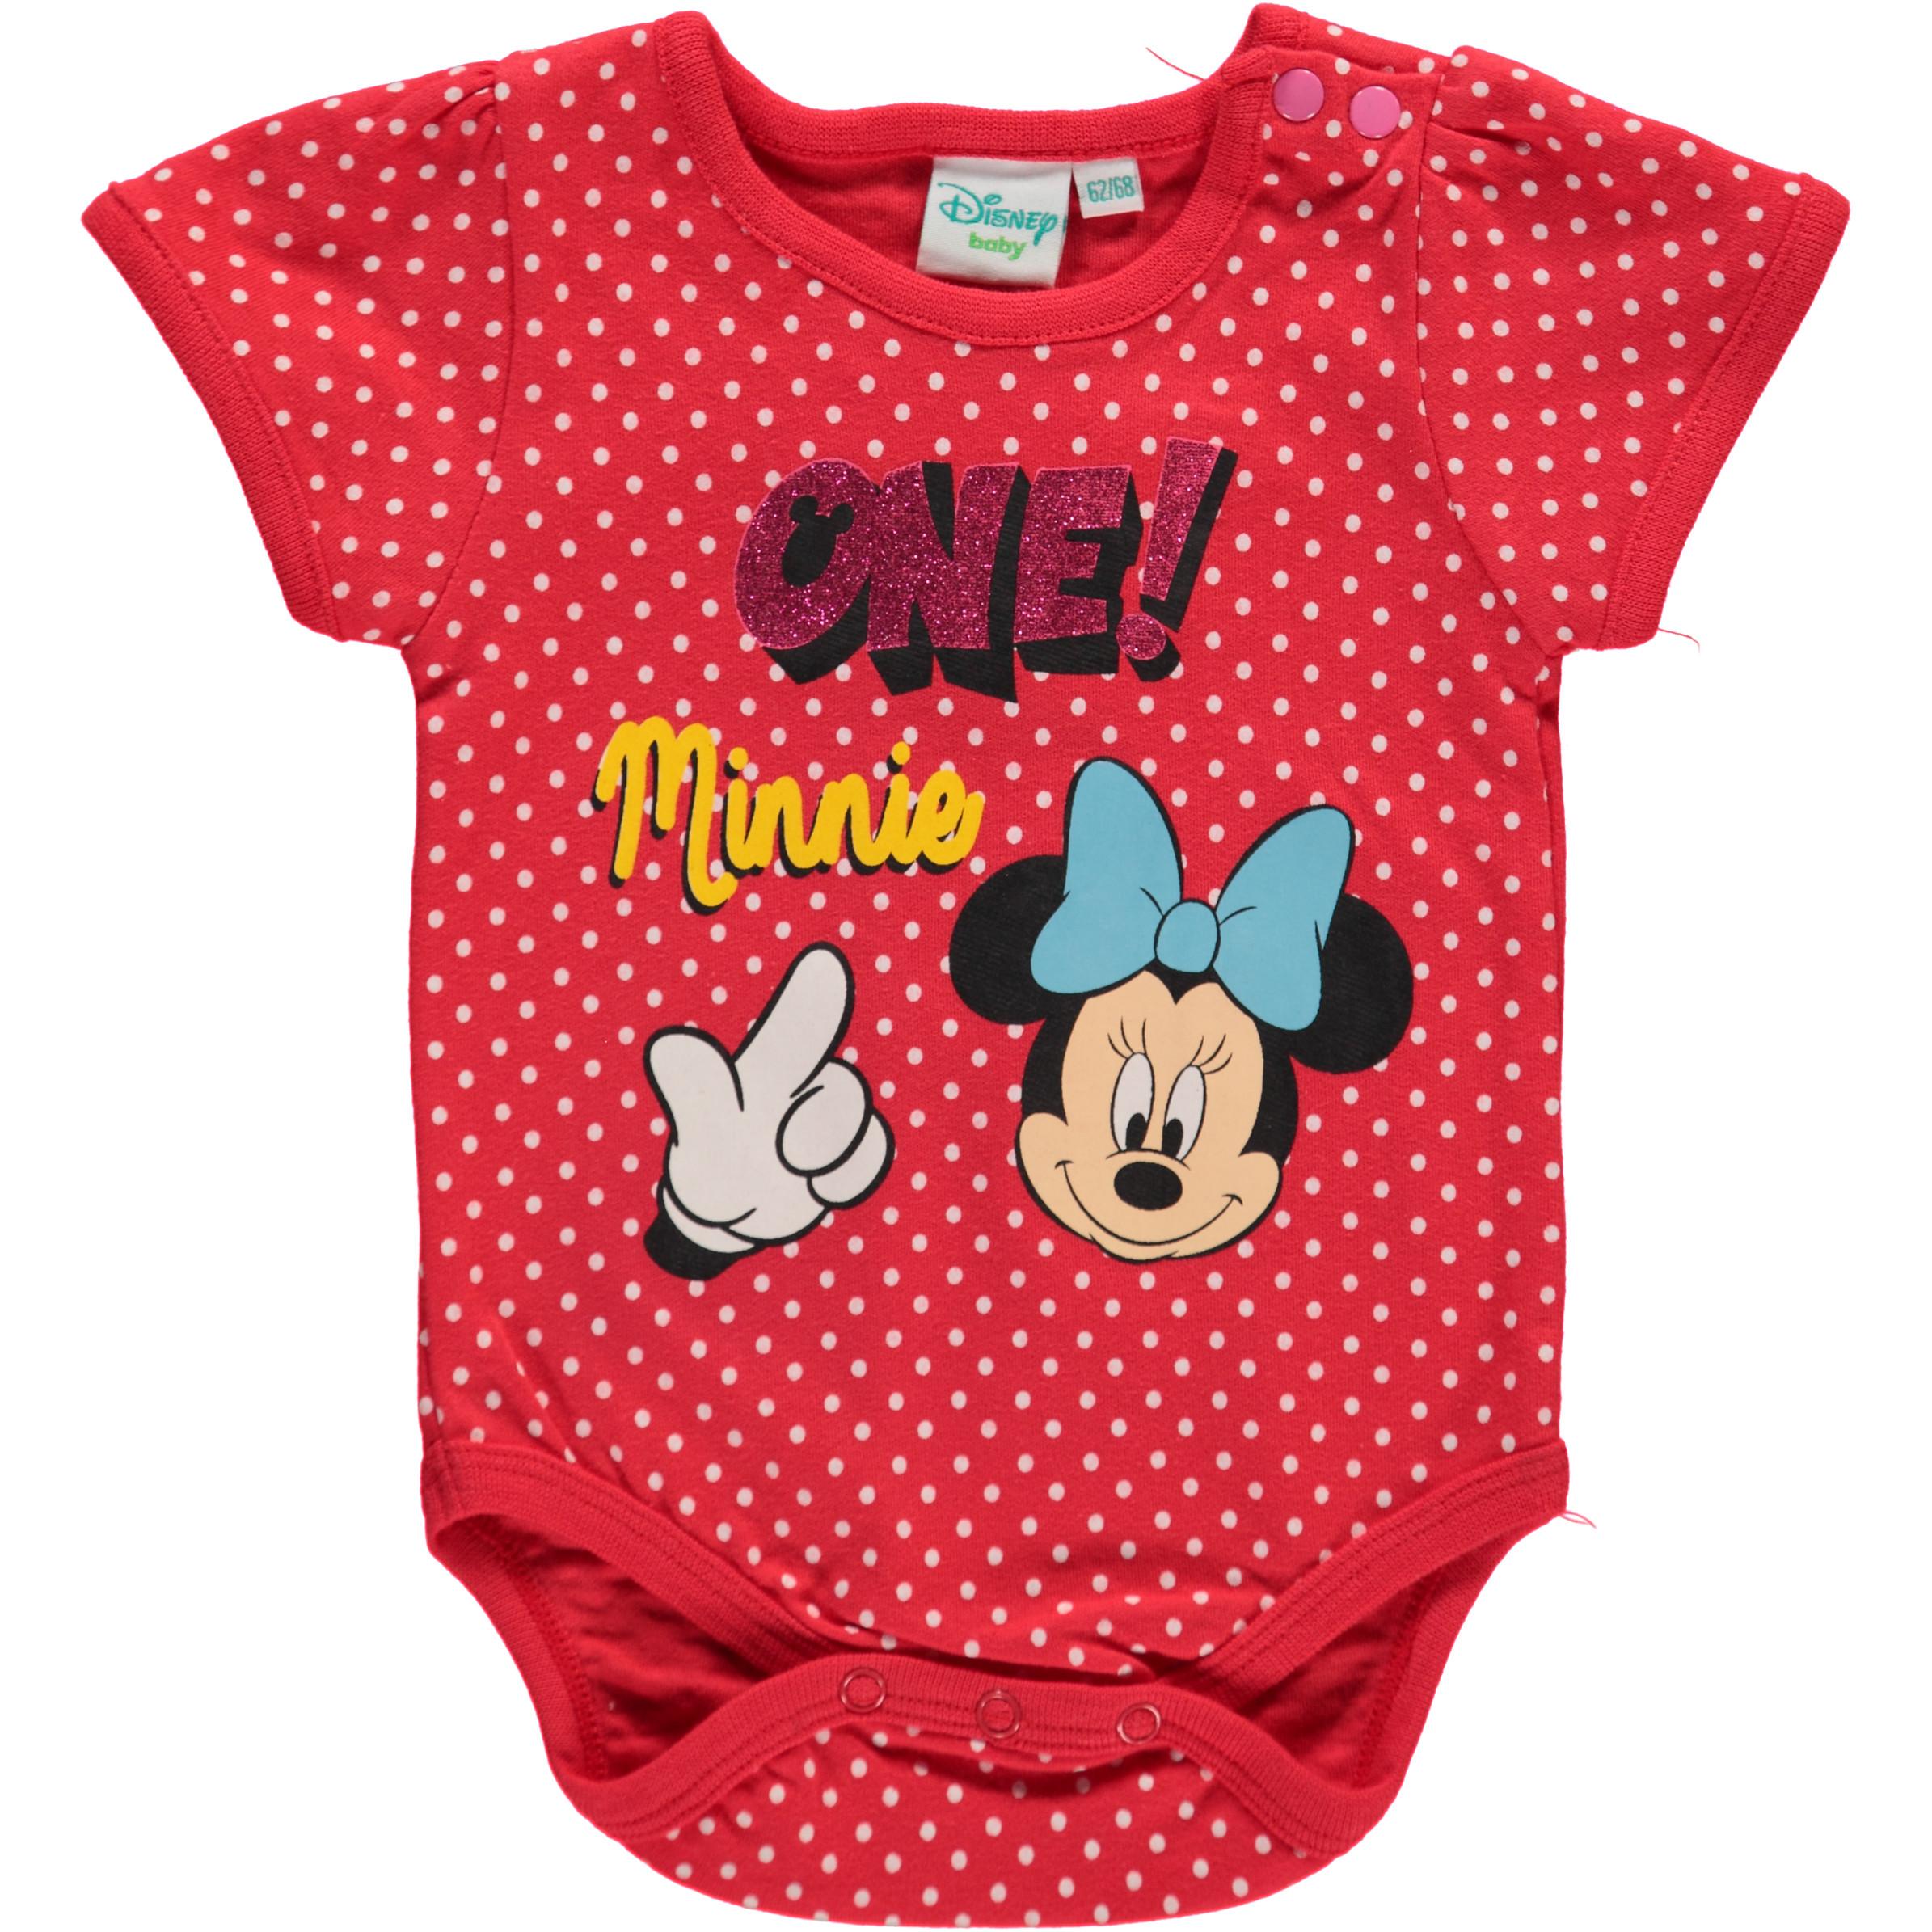 Niedlicher Body mit Minnie Mouse